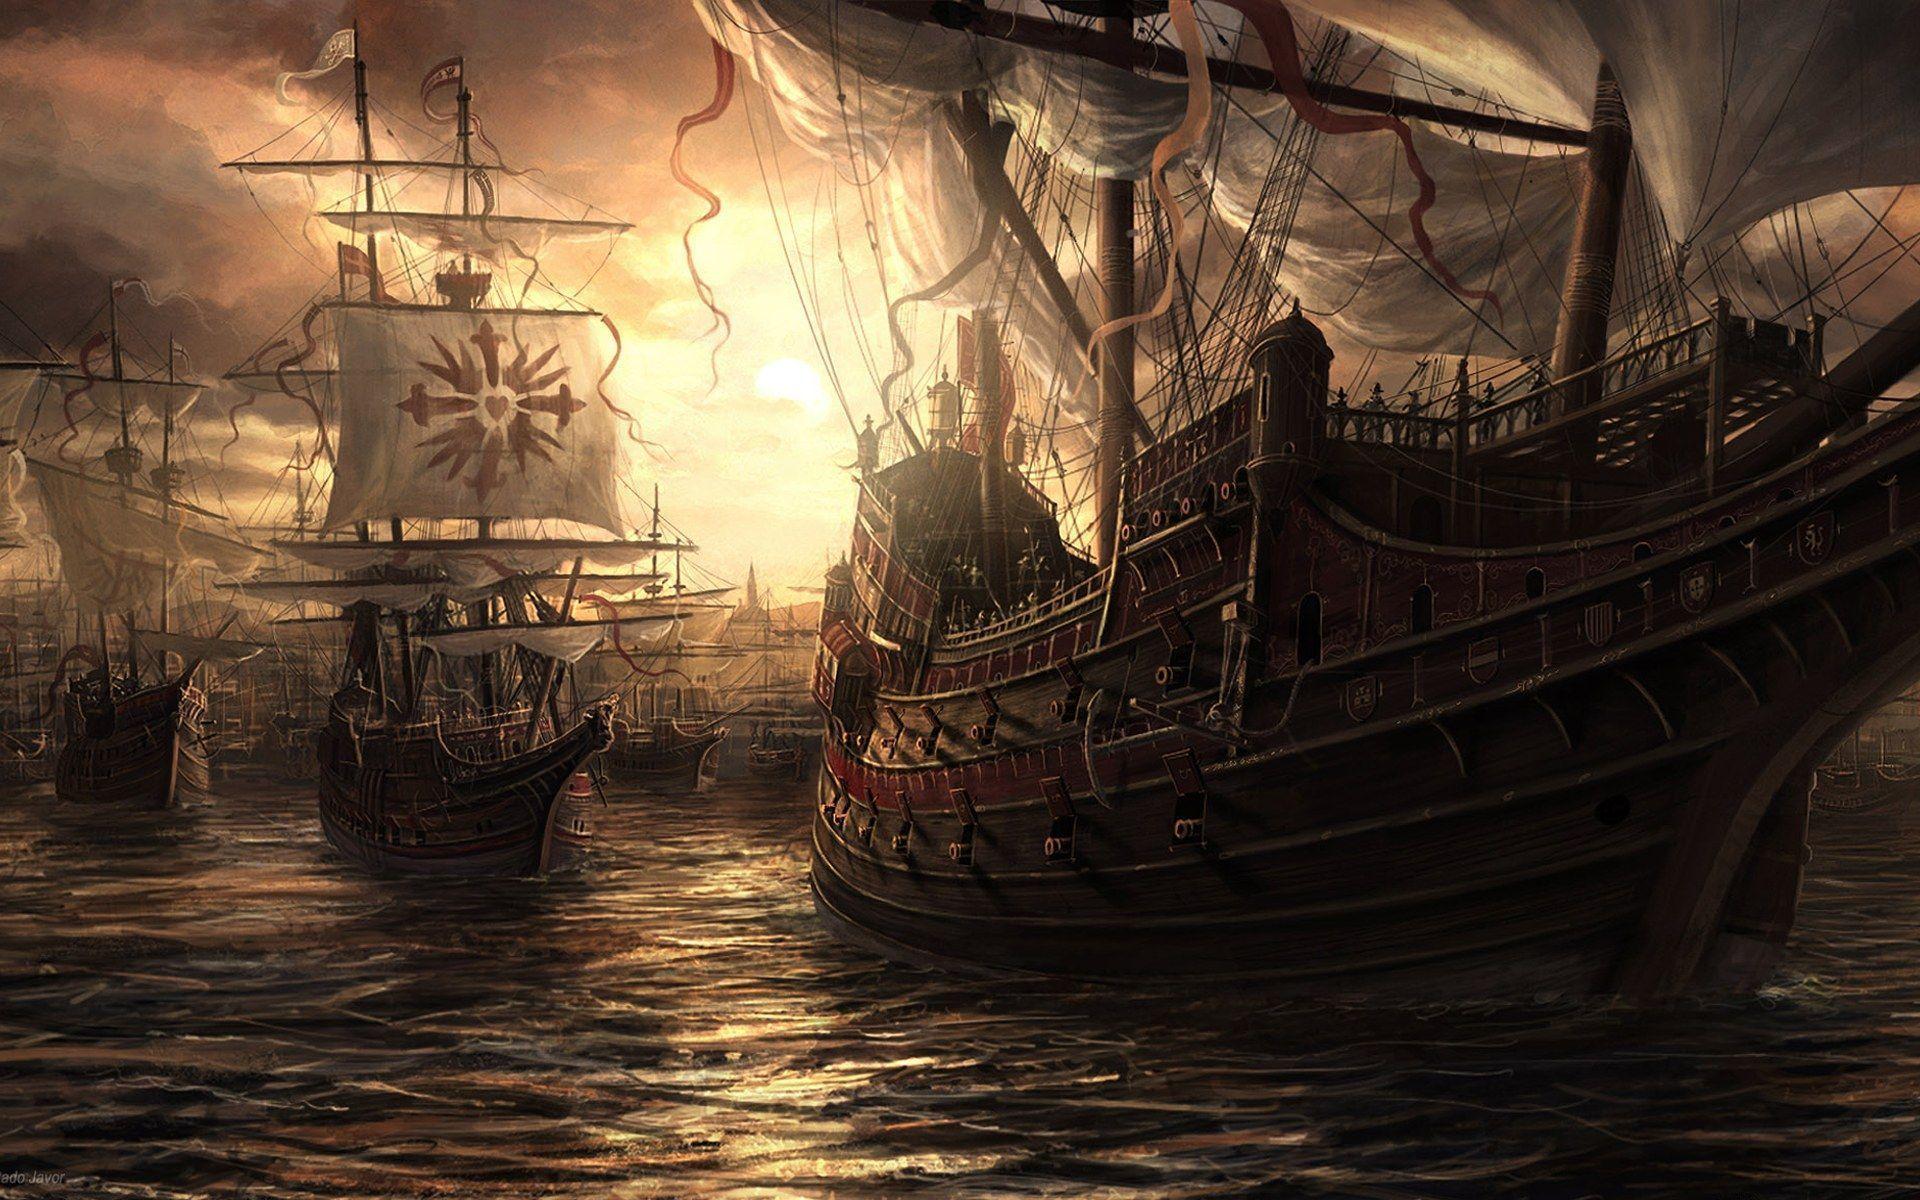 Images bateaux de pirates - Image bateau pirate ...